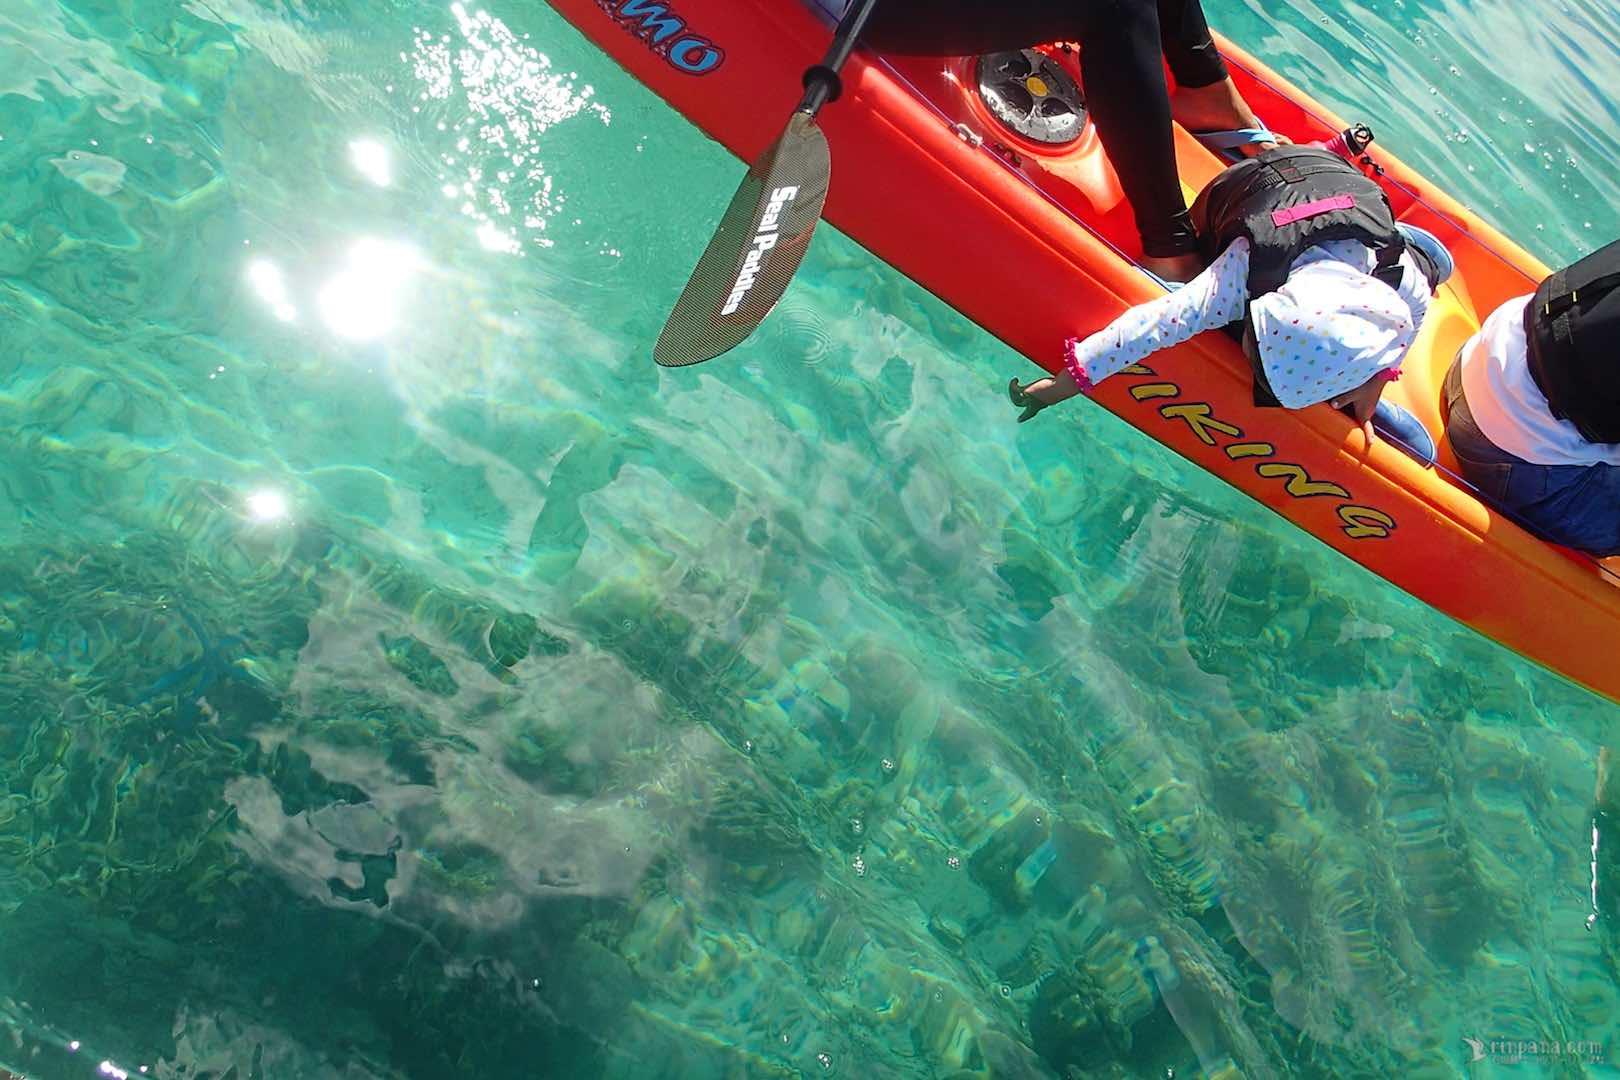 当日予約で参加できる「海カヌー」体験プラン